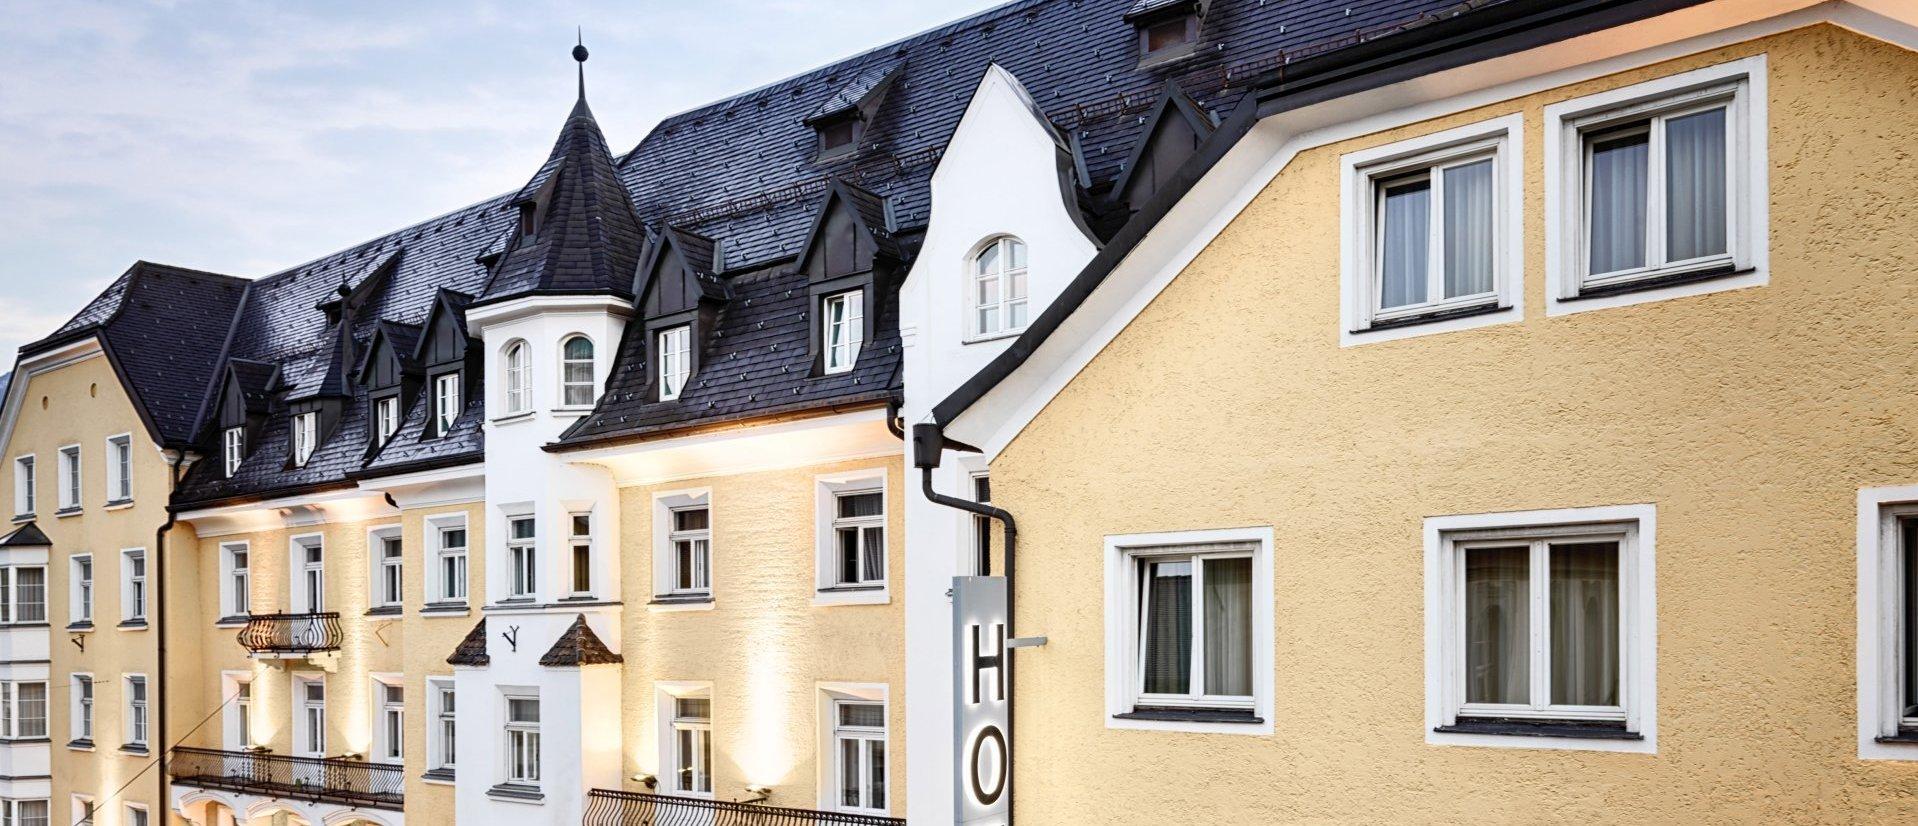 Singlebrse in Seiersberg bei Graz-Umgebung und Singletreff